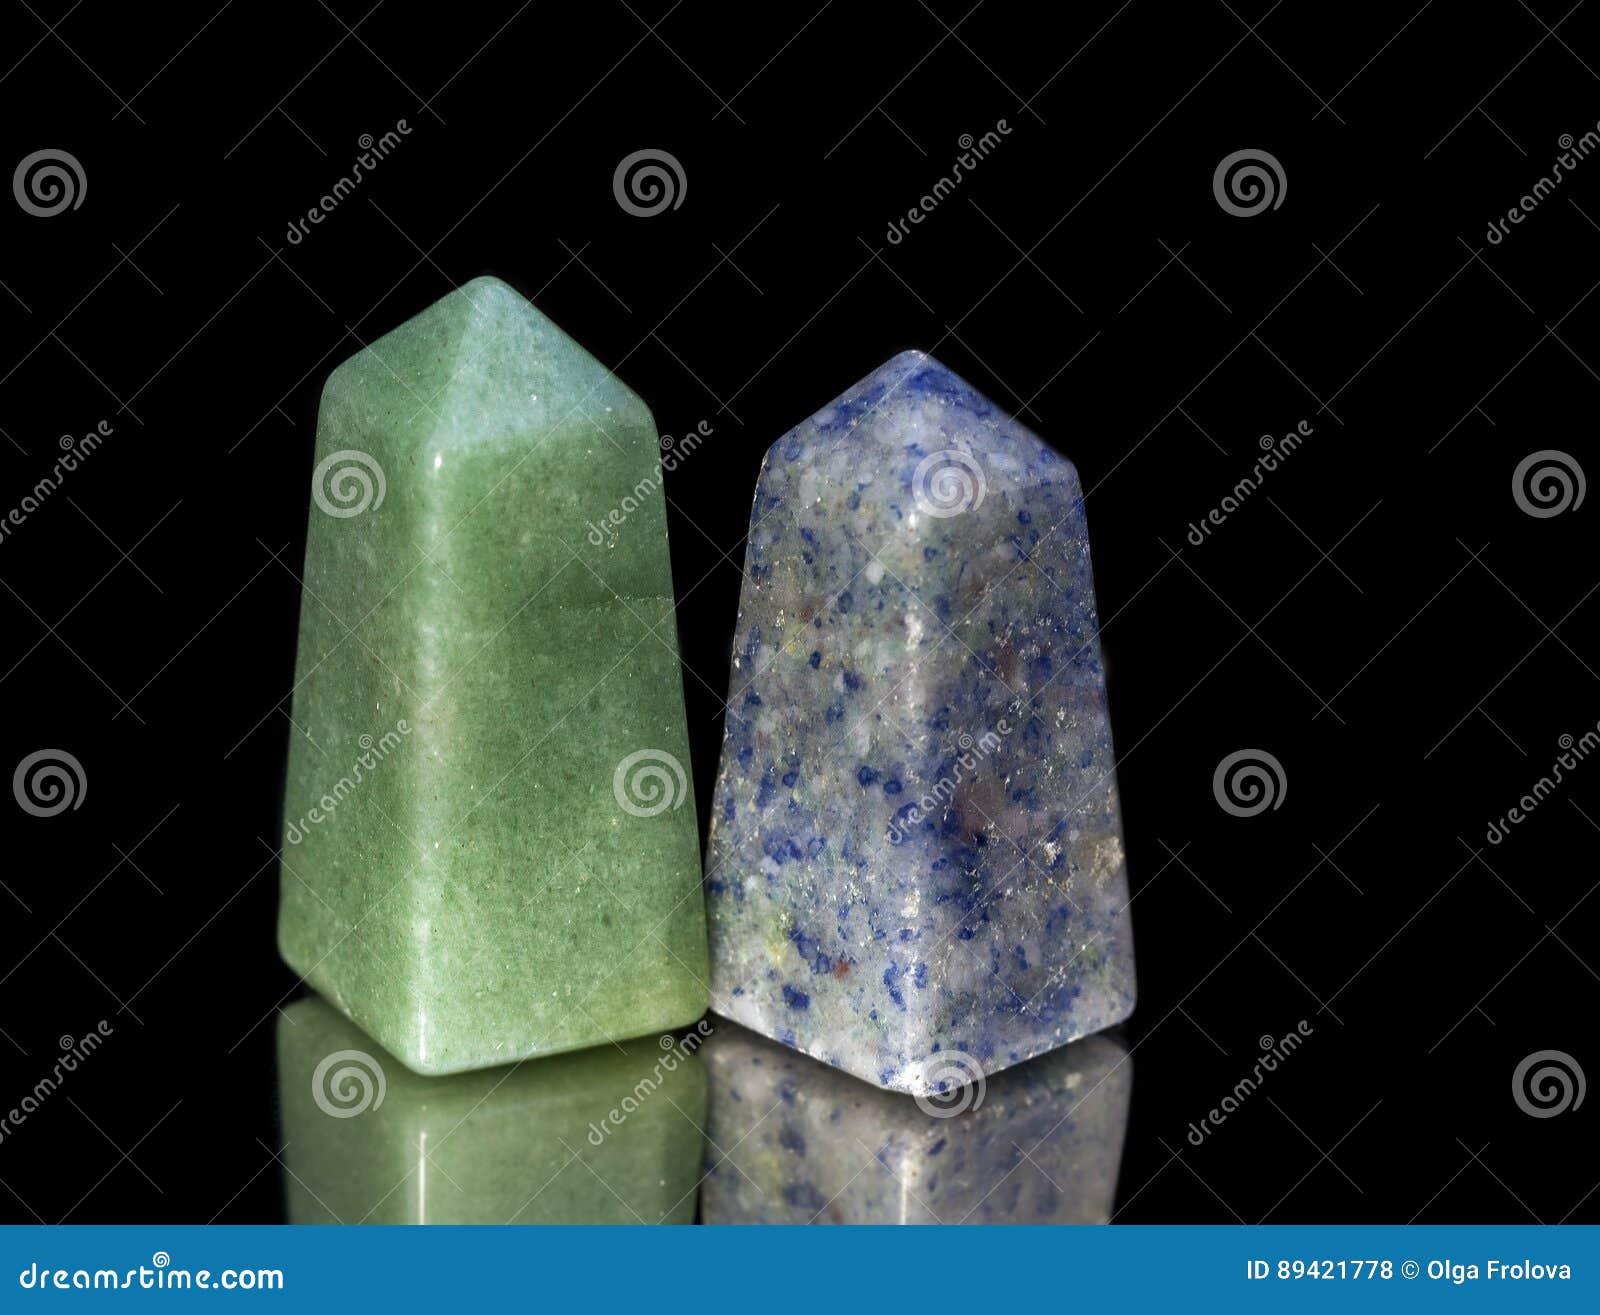 Pirâmides truncadas do quartzito verde e azul